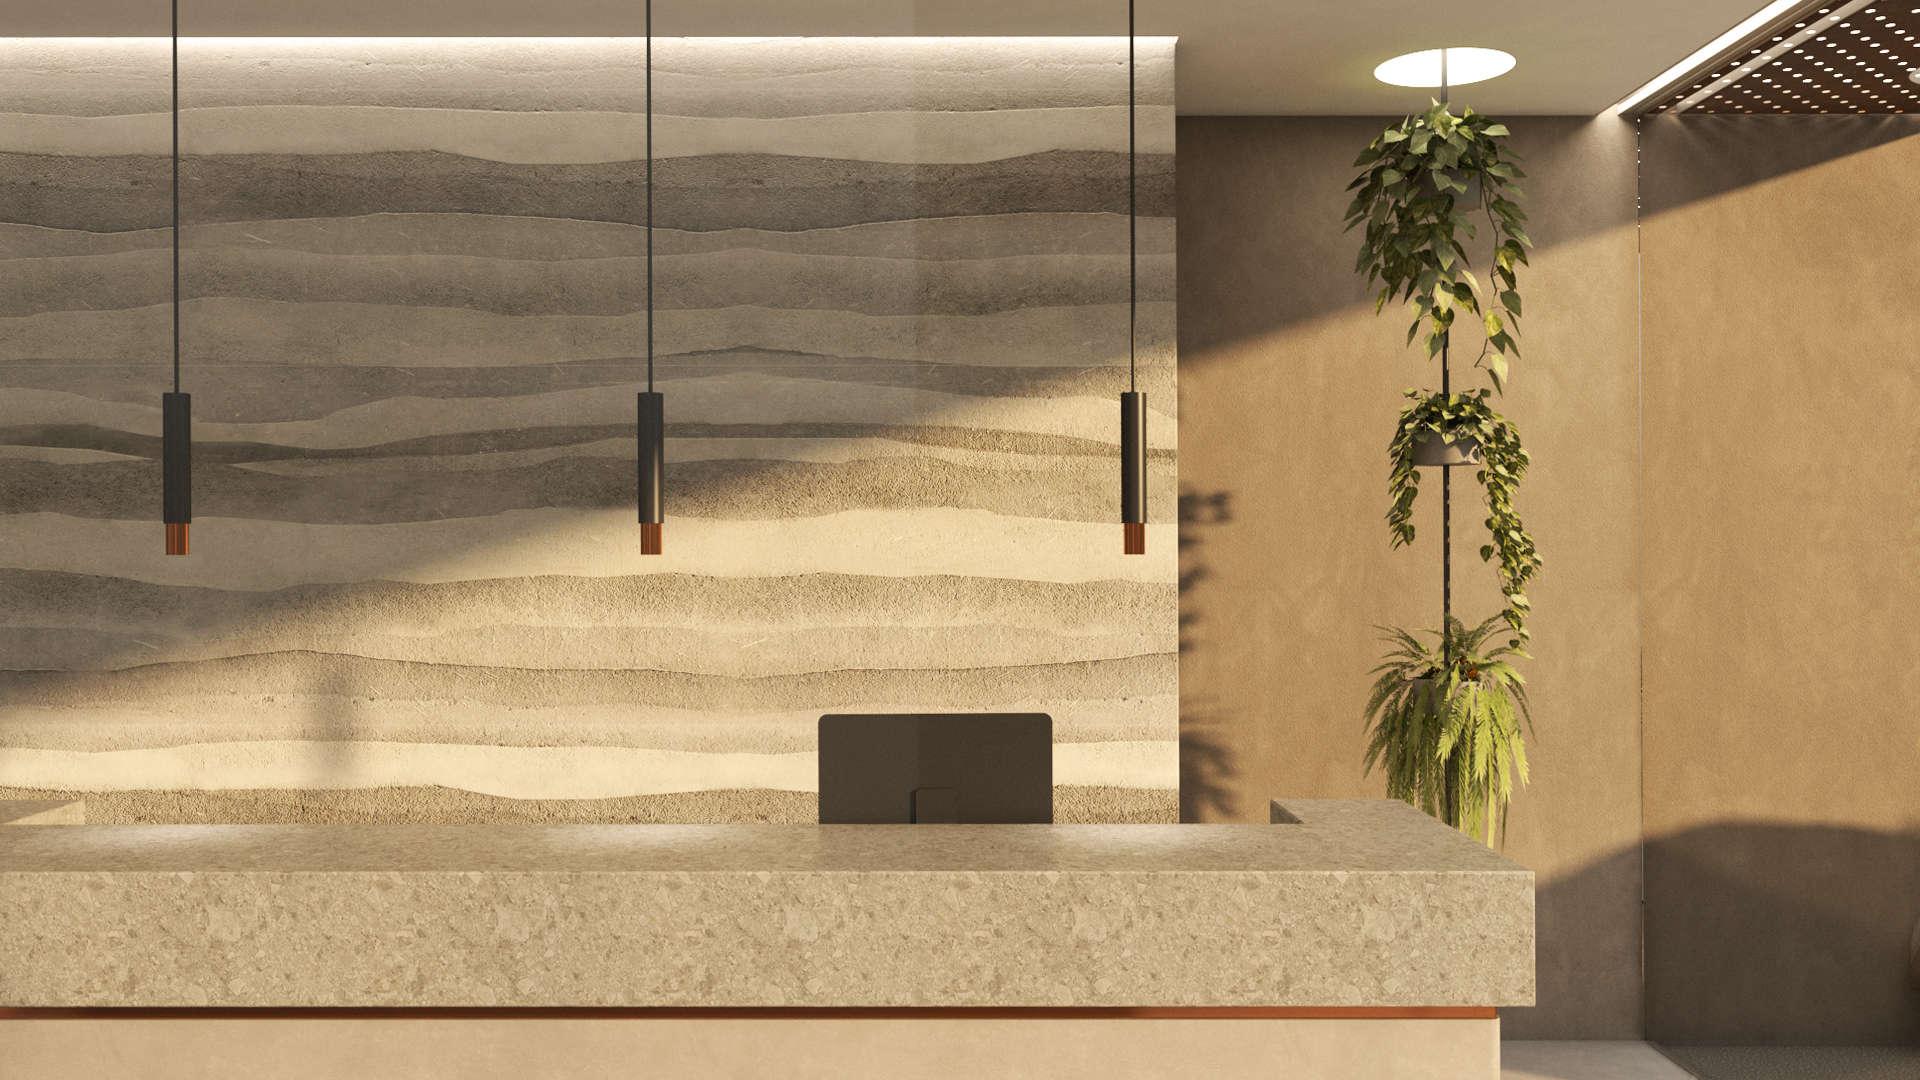 Reception desk, rammed earth wall, Interior design. Ρεσεψιόν, Τοίχος με την τεχνική του rammed earth, Διακόσμηση